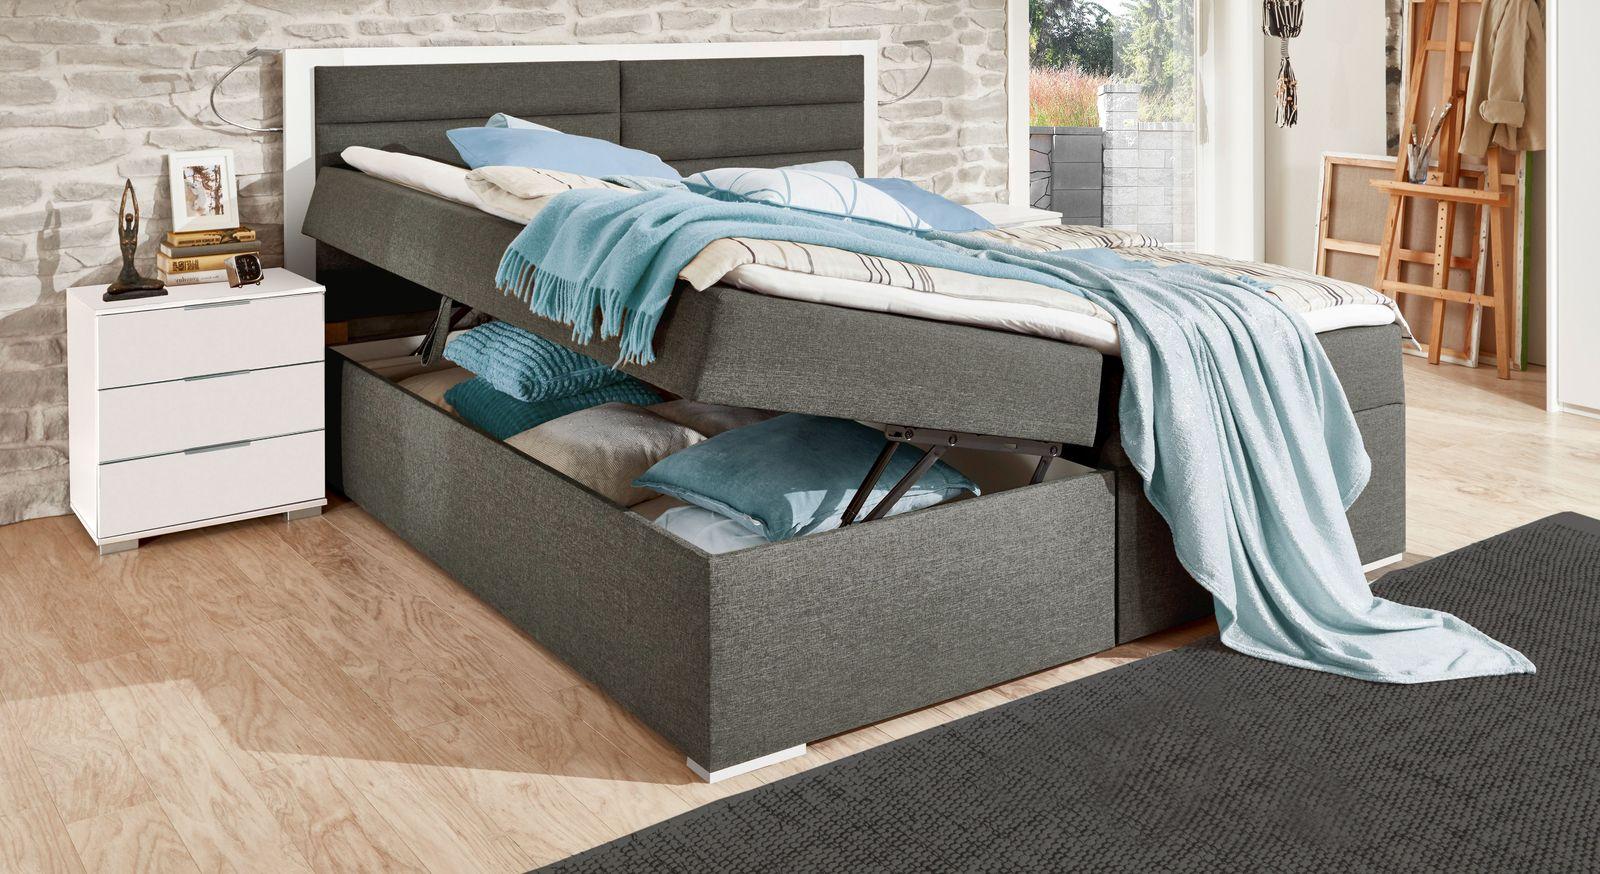 Boxbett Cartini mit geräumigen Bettkästen